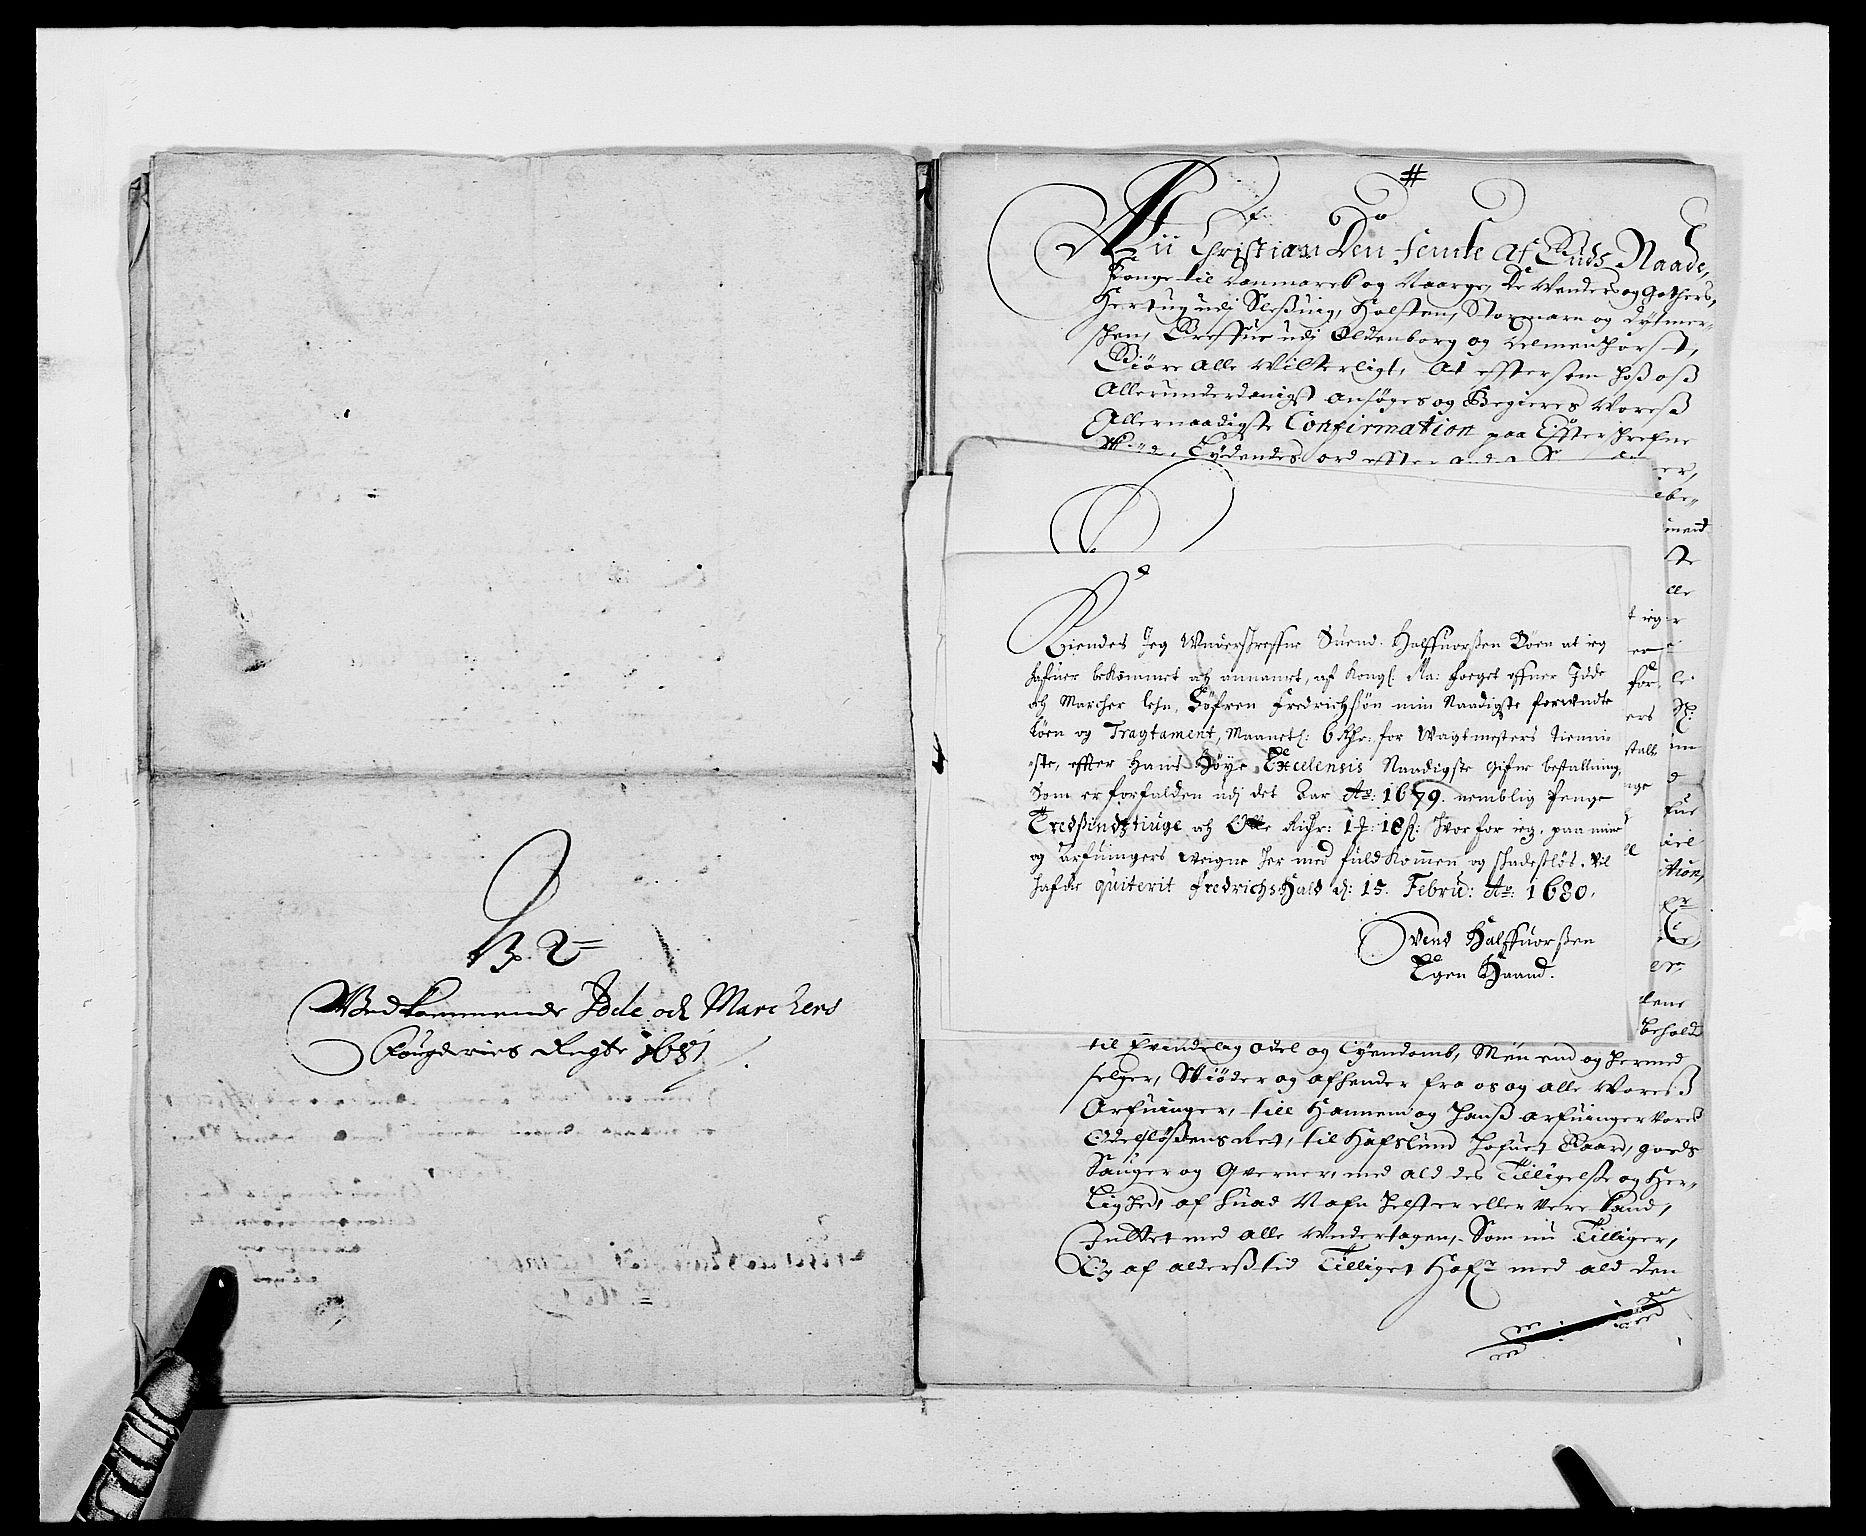 RA, Rentekammeret inntil 1814, Reviderte regnskaper, Fogderegnskap, R01/L0003: Fogderegnskap Idd og Marker, 1678-1681, s. 253